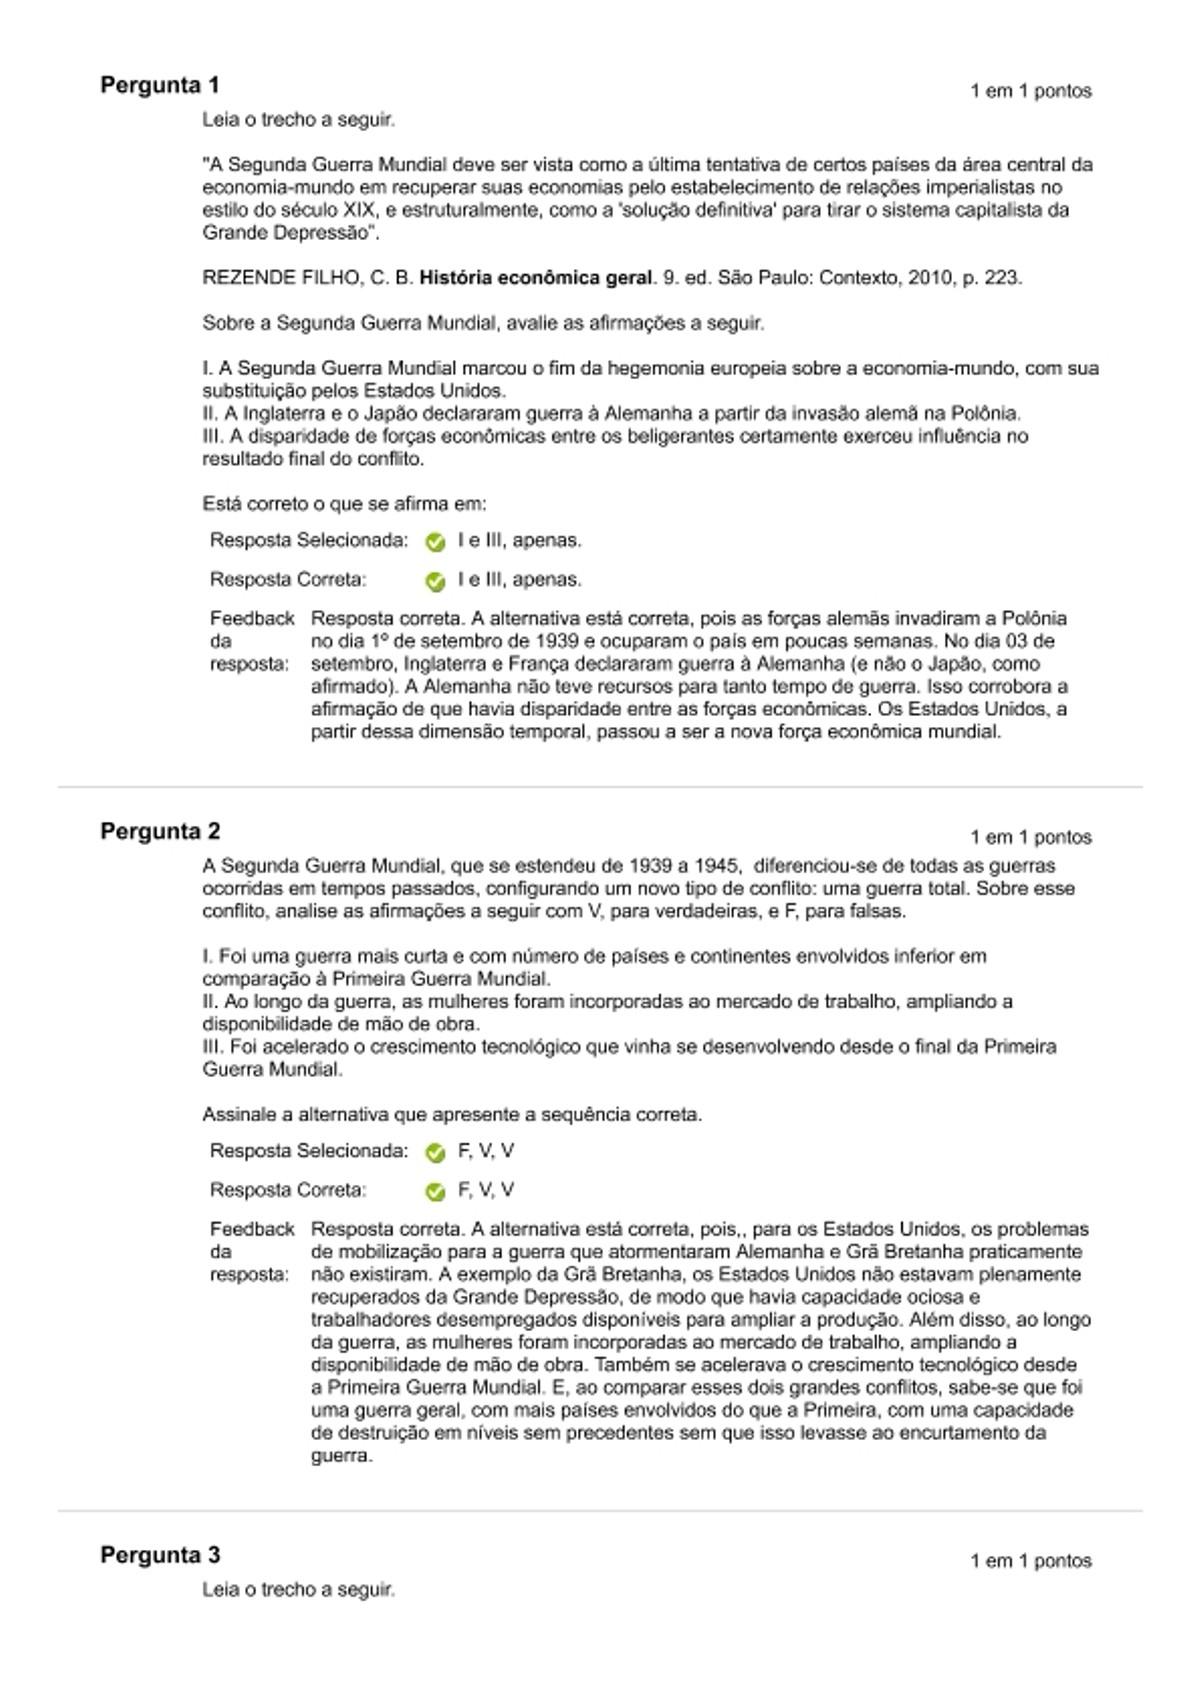 Pre-visualização do material Histórica Economica Geral - Atividade 04 - página 1